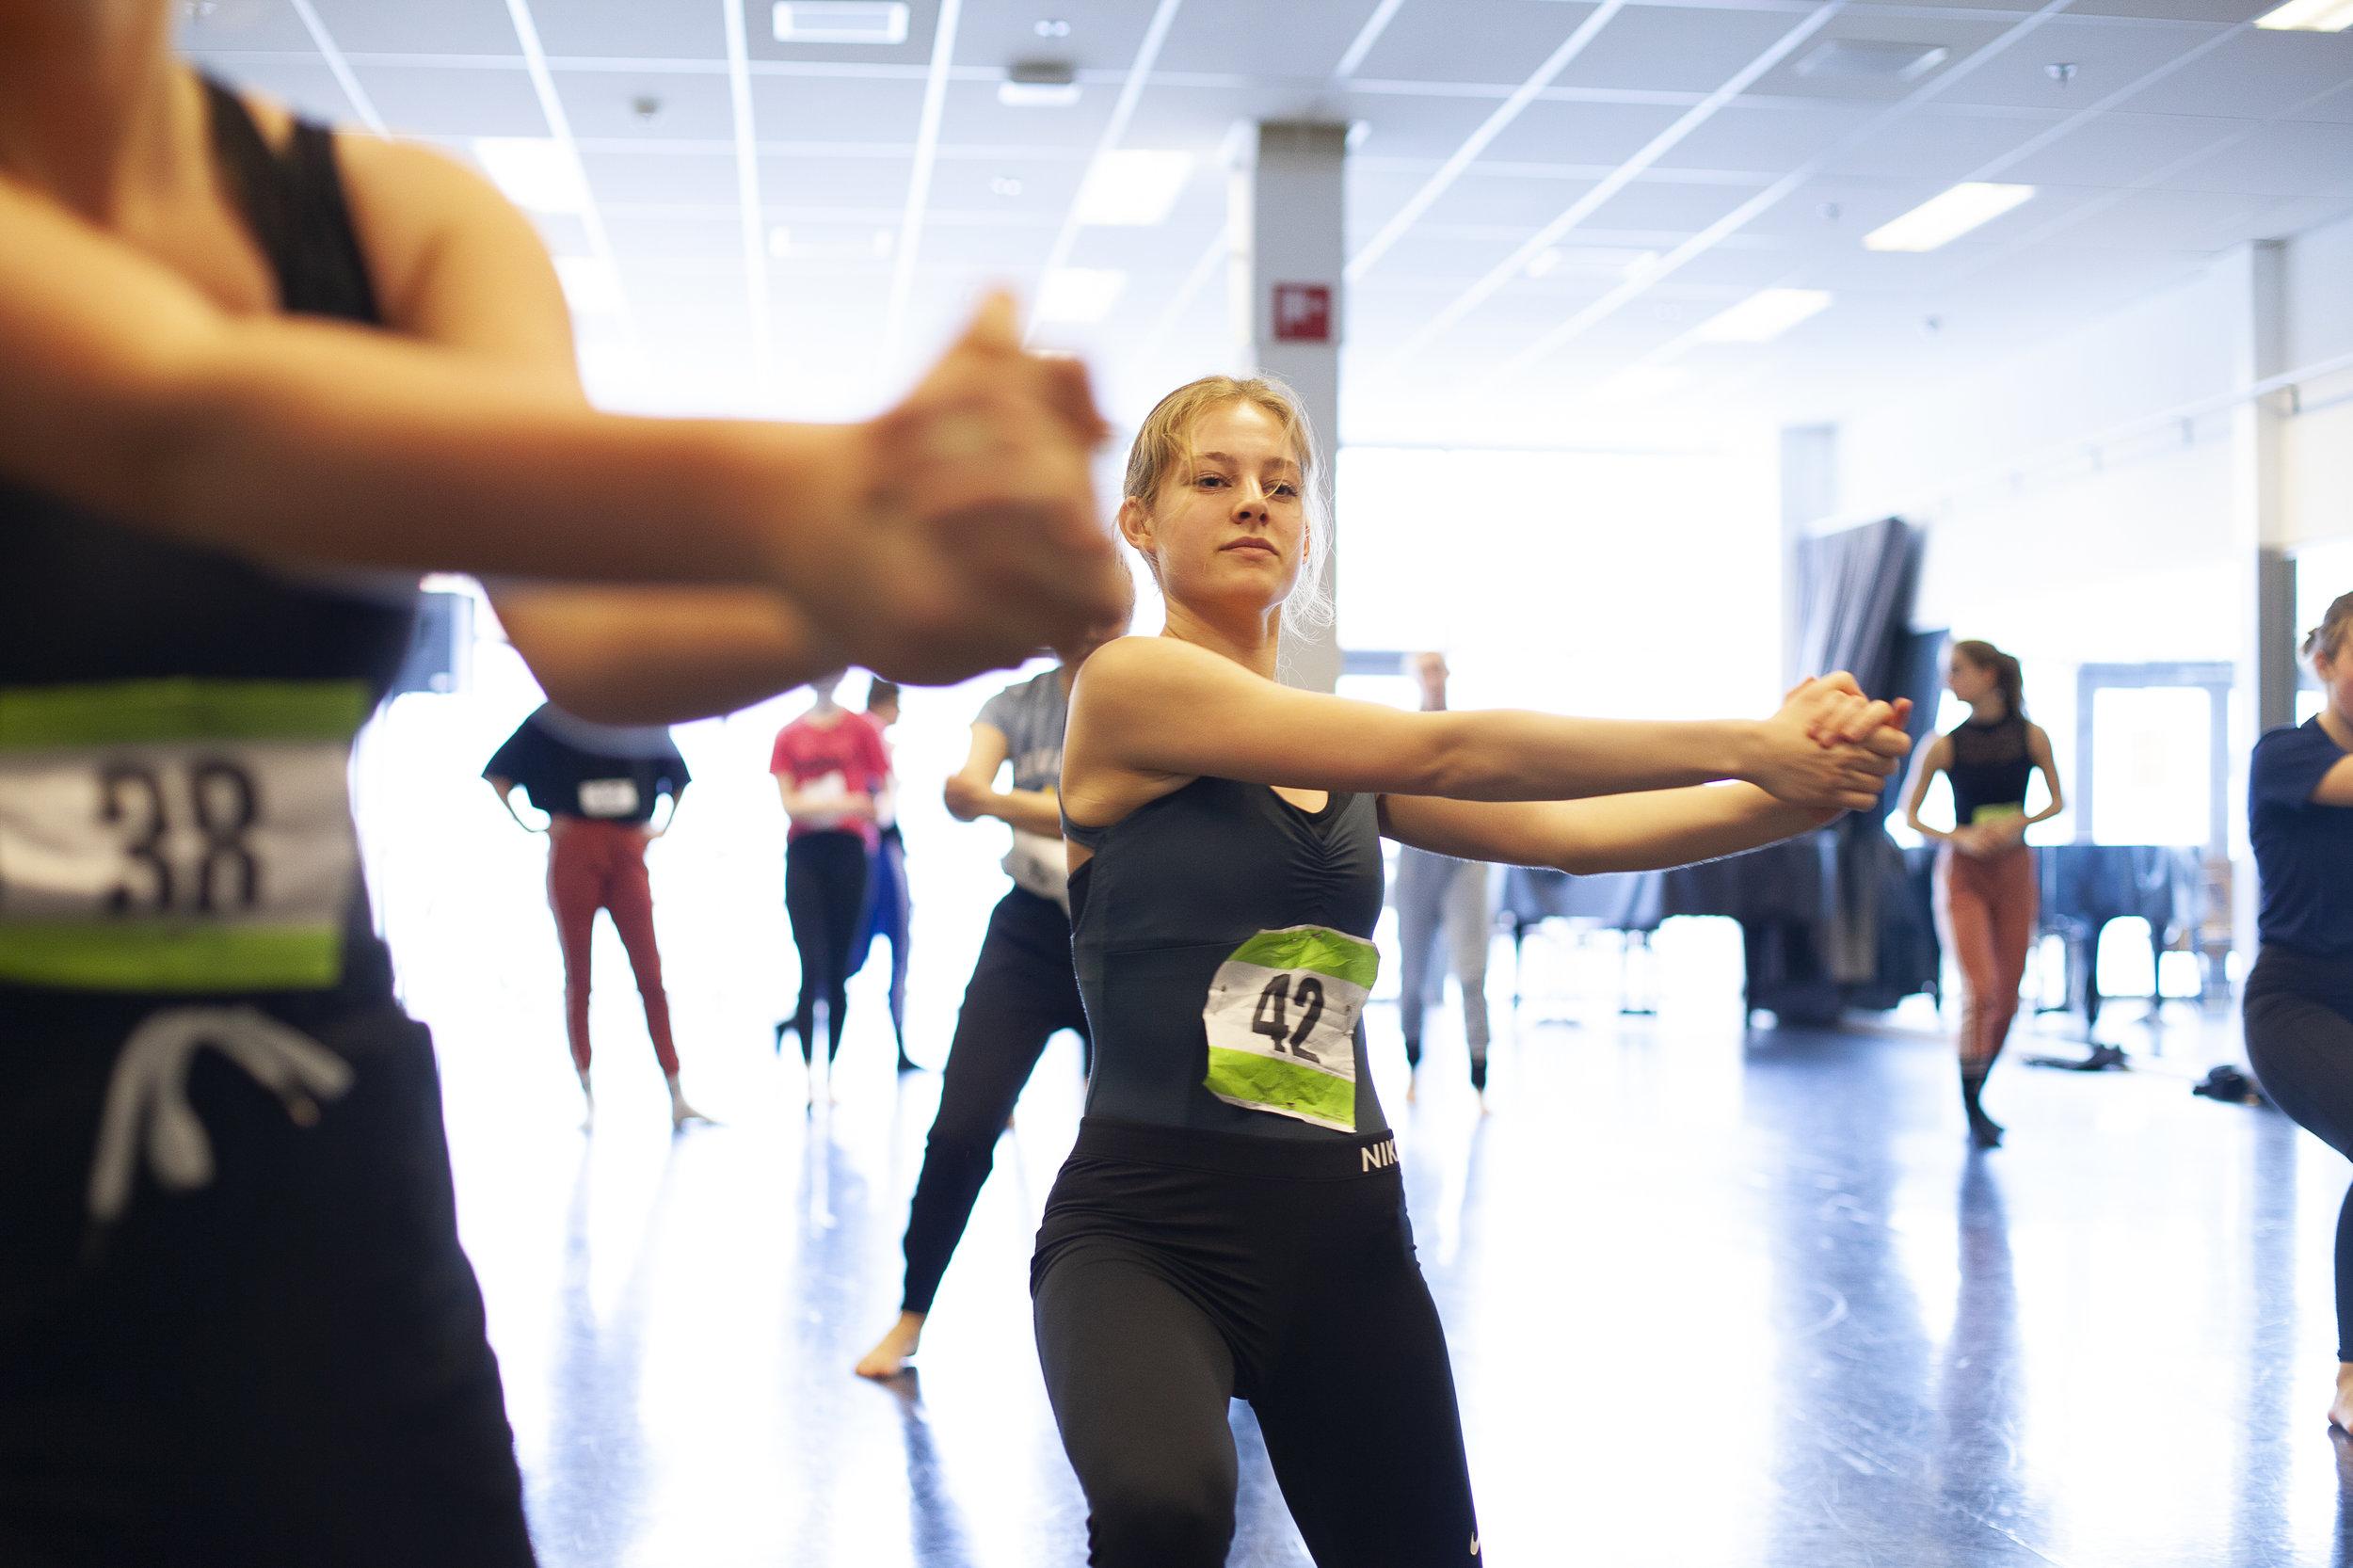 De auditie voor het examenstuk met Krisztina de Chȃtel. Fotograaf Wouter de Wit.